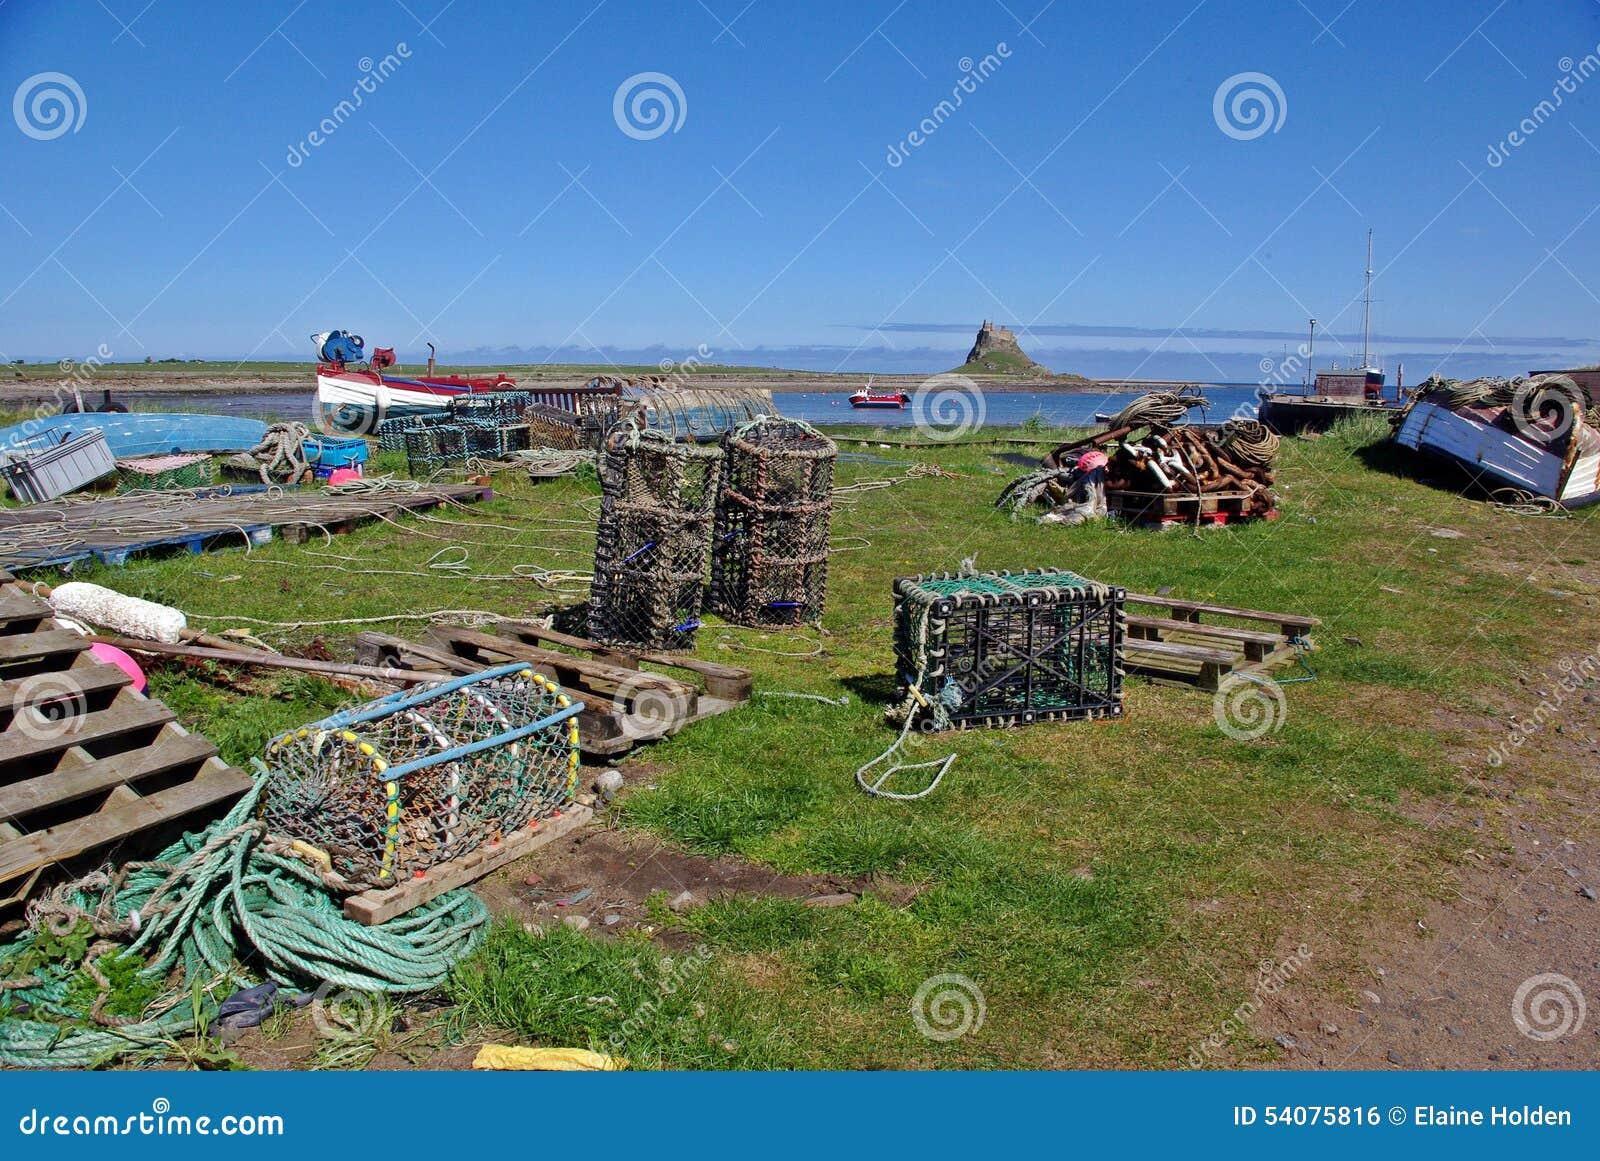 Zeekreeftpotten en kasteel